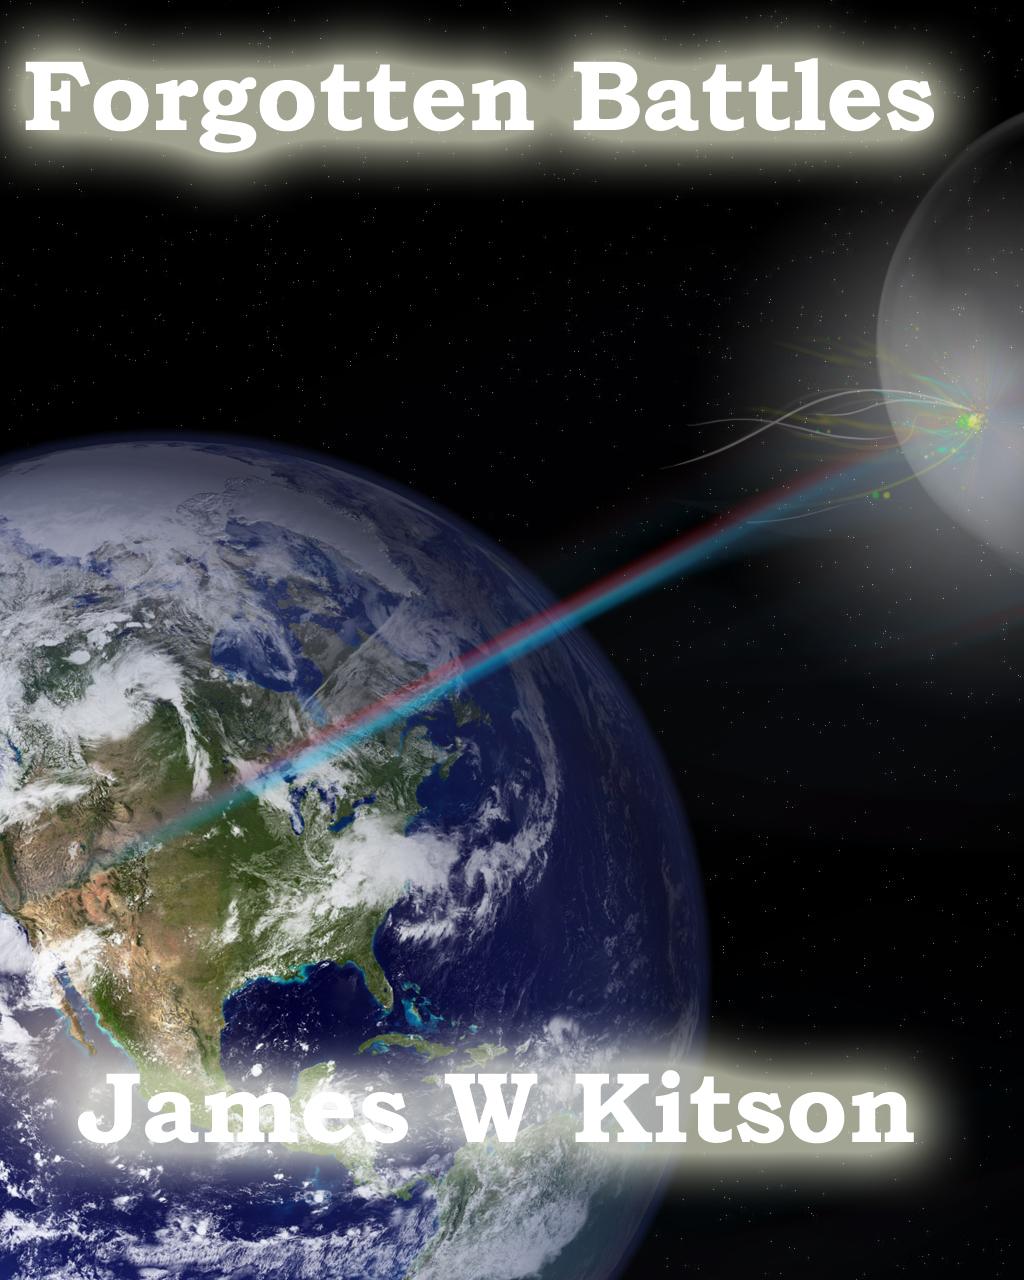 FB_Cover_2012-01-17